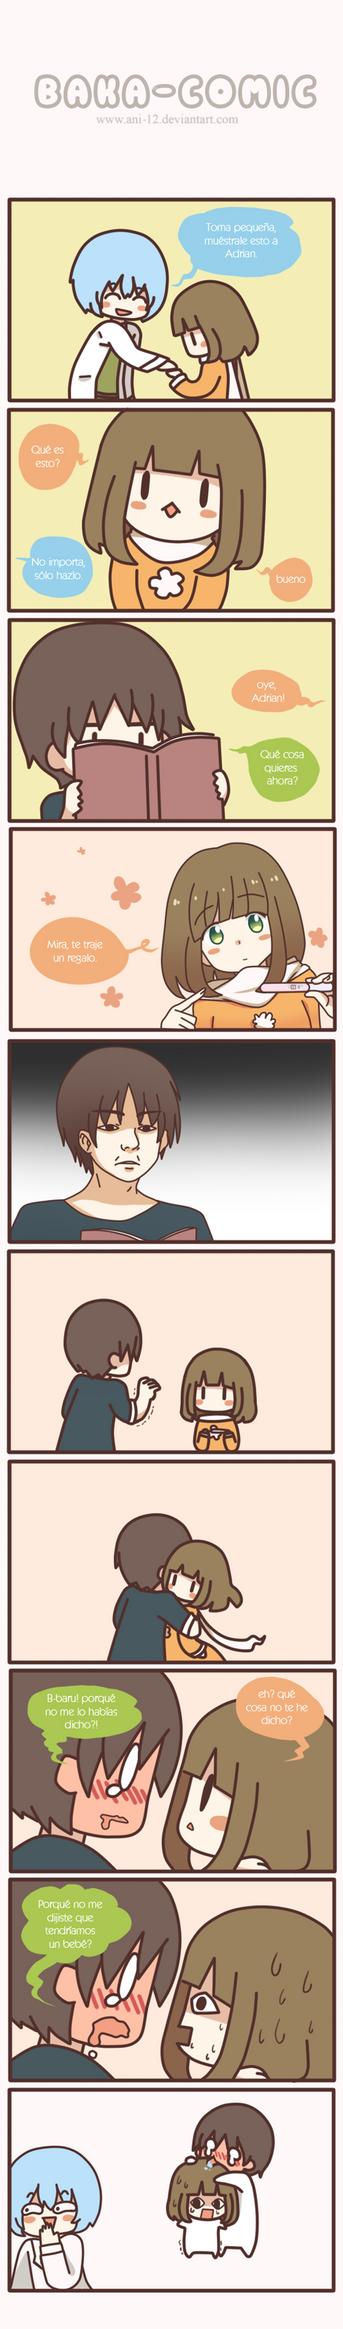 Baka-Comic 42 by Ani-12